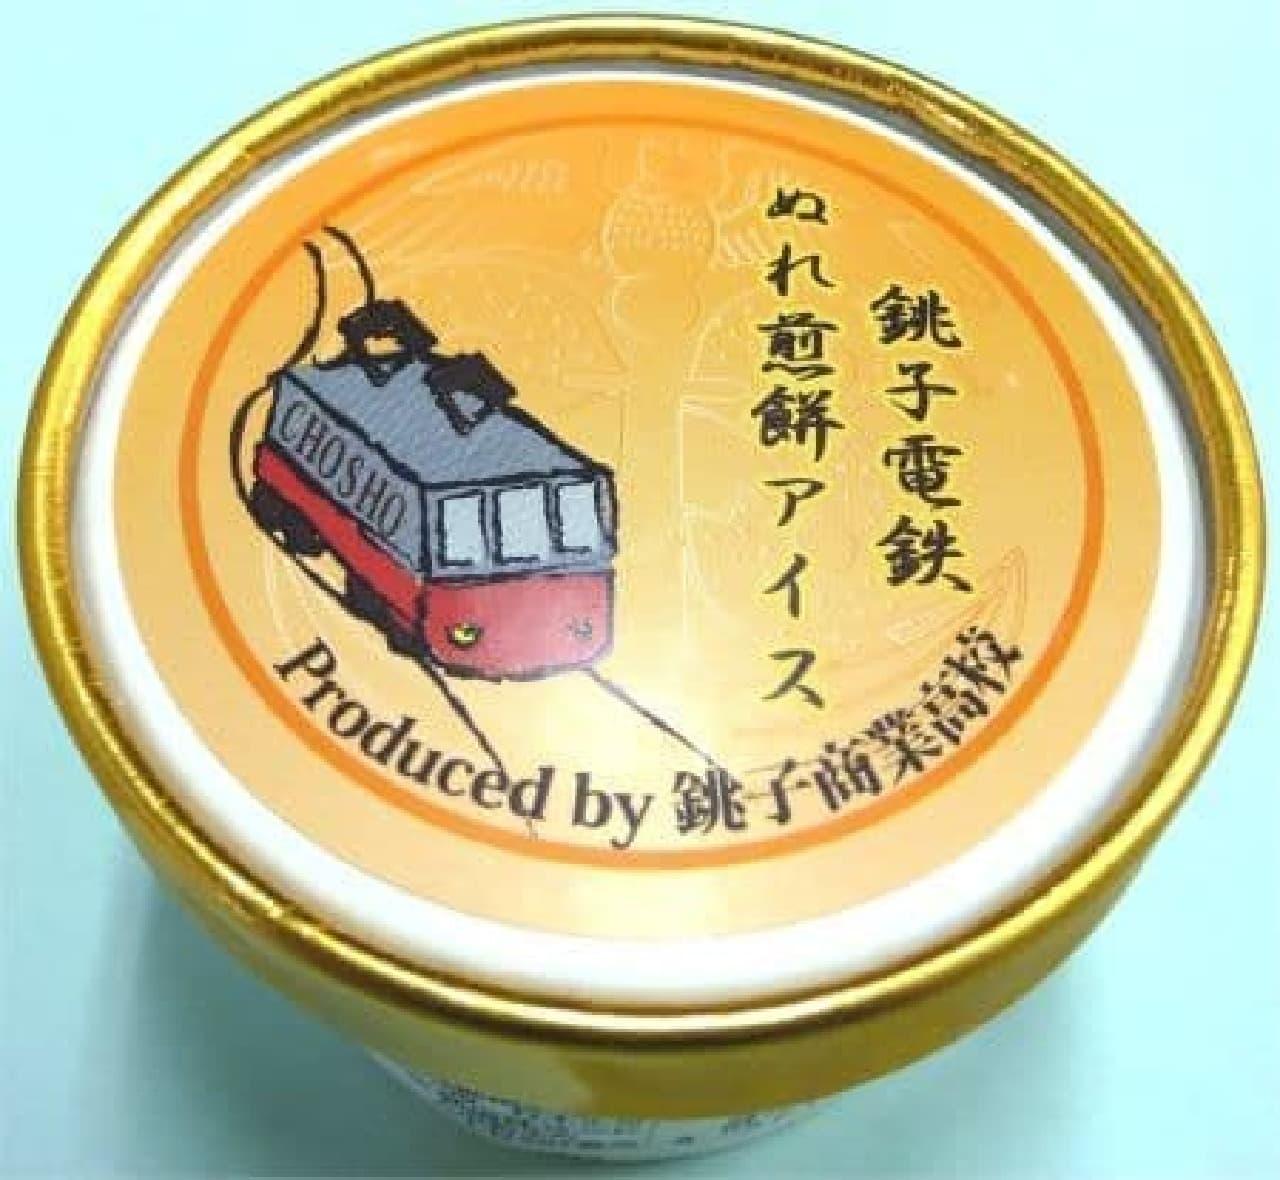 「LAZONA アイスふぇす」は27都道府県30種類のカップアイスが購入できるお祭り